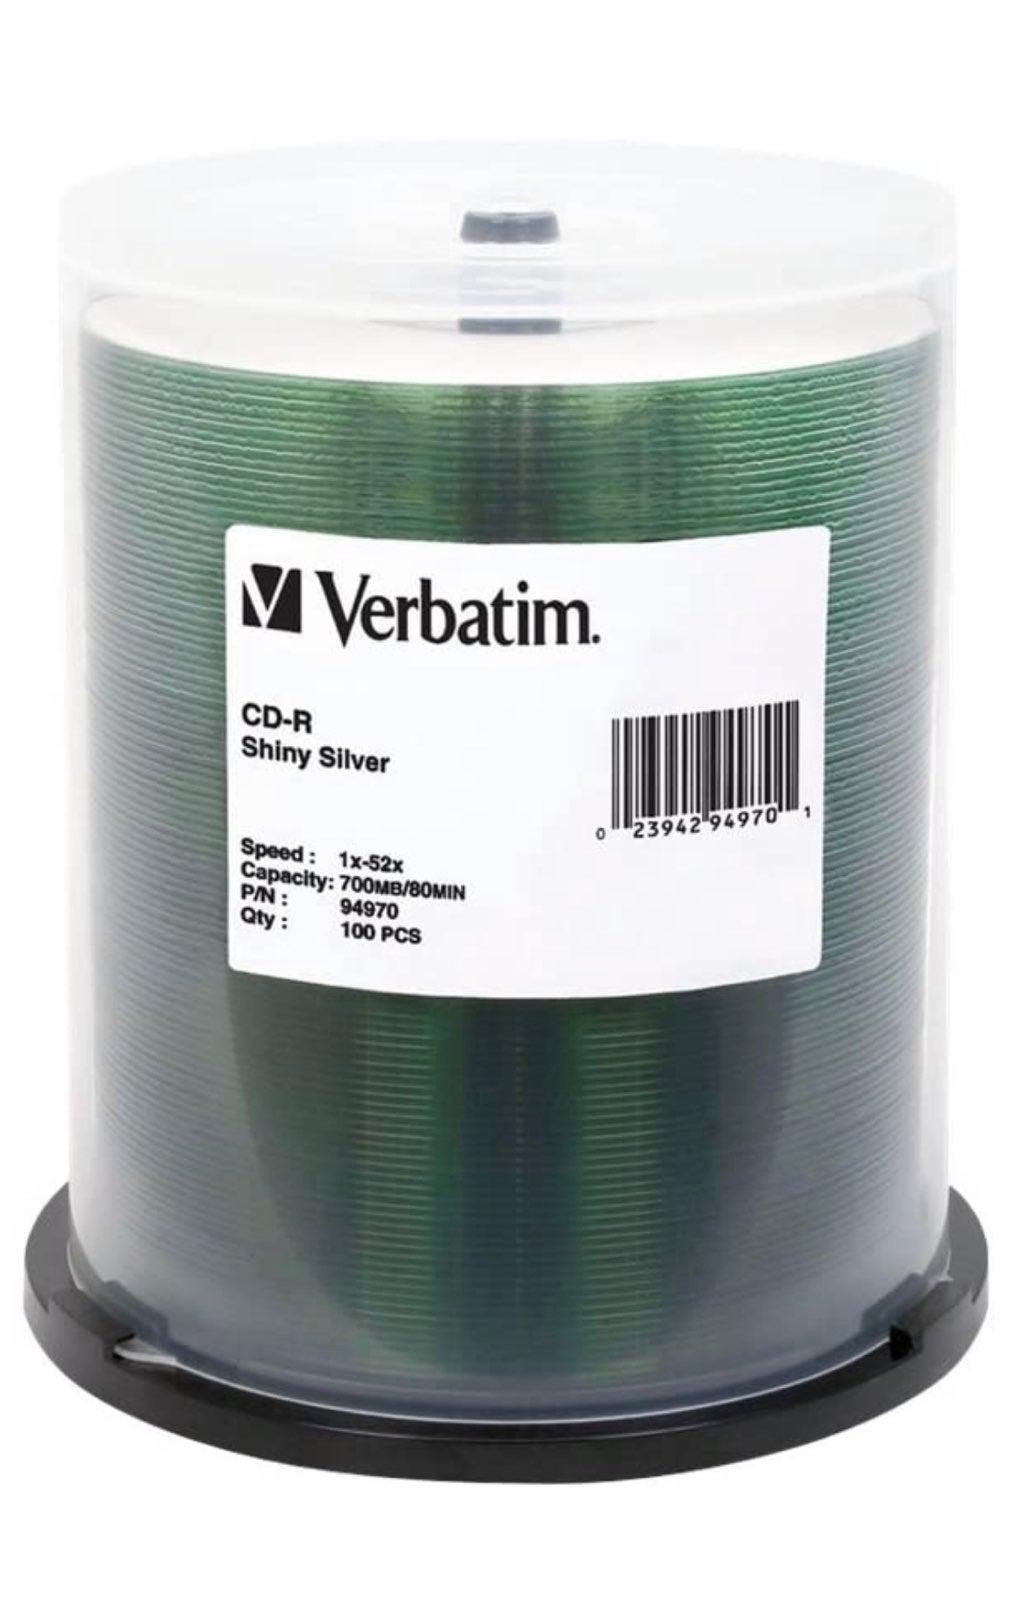 Verbatim CD-R 700MB 52X 100 pack